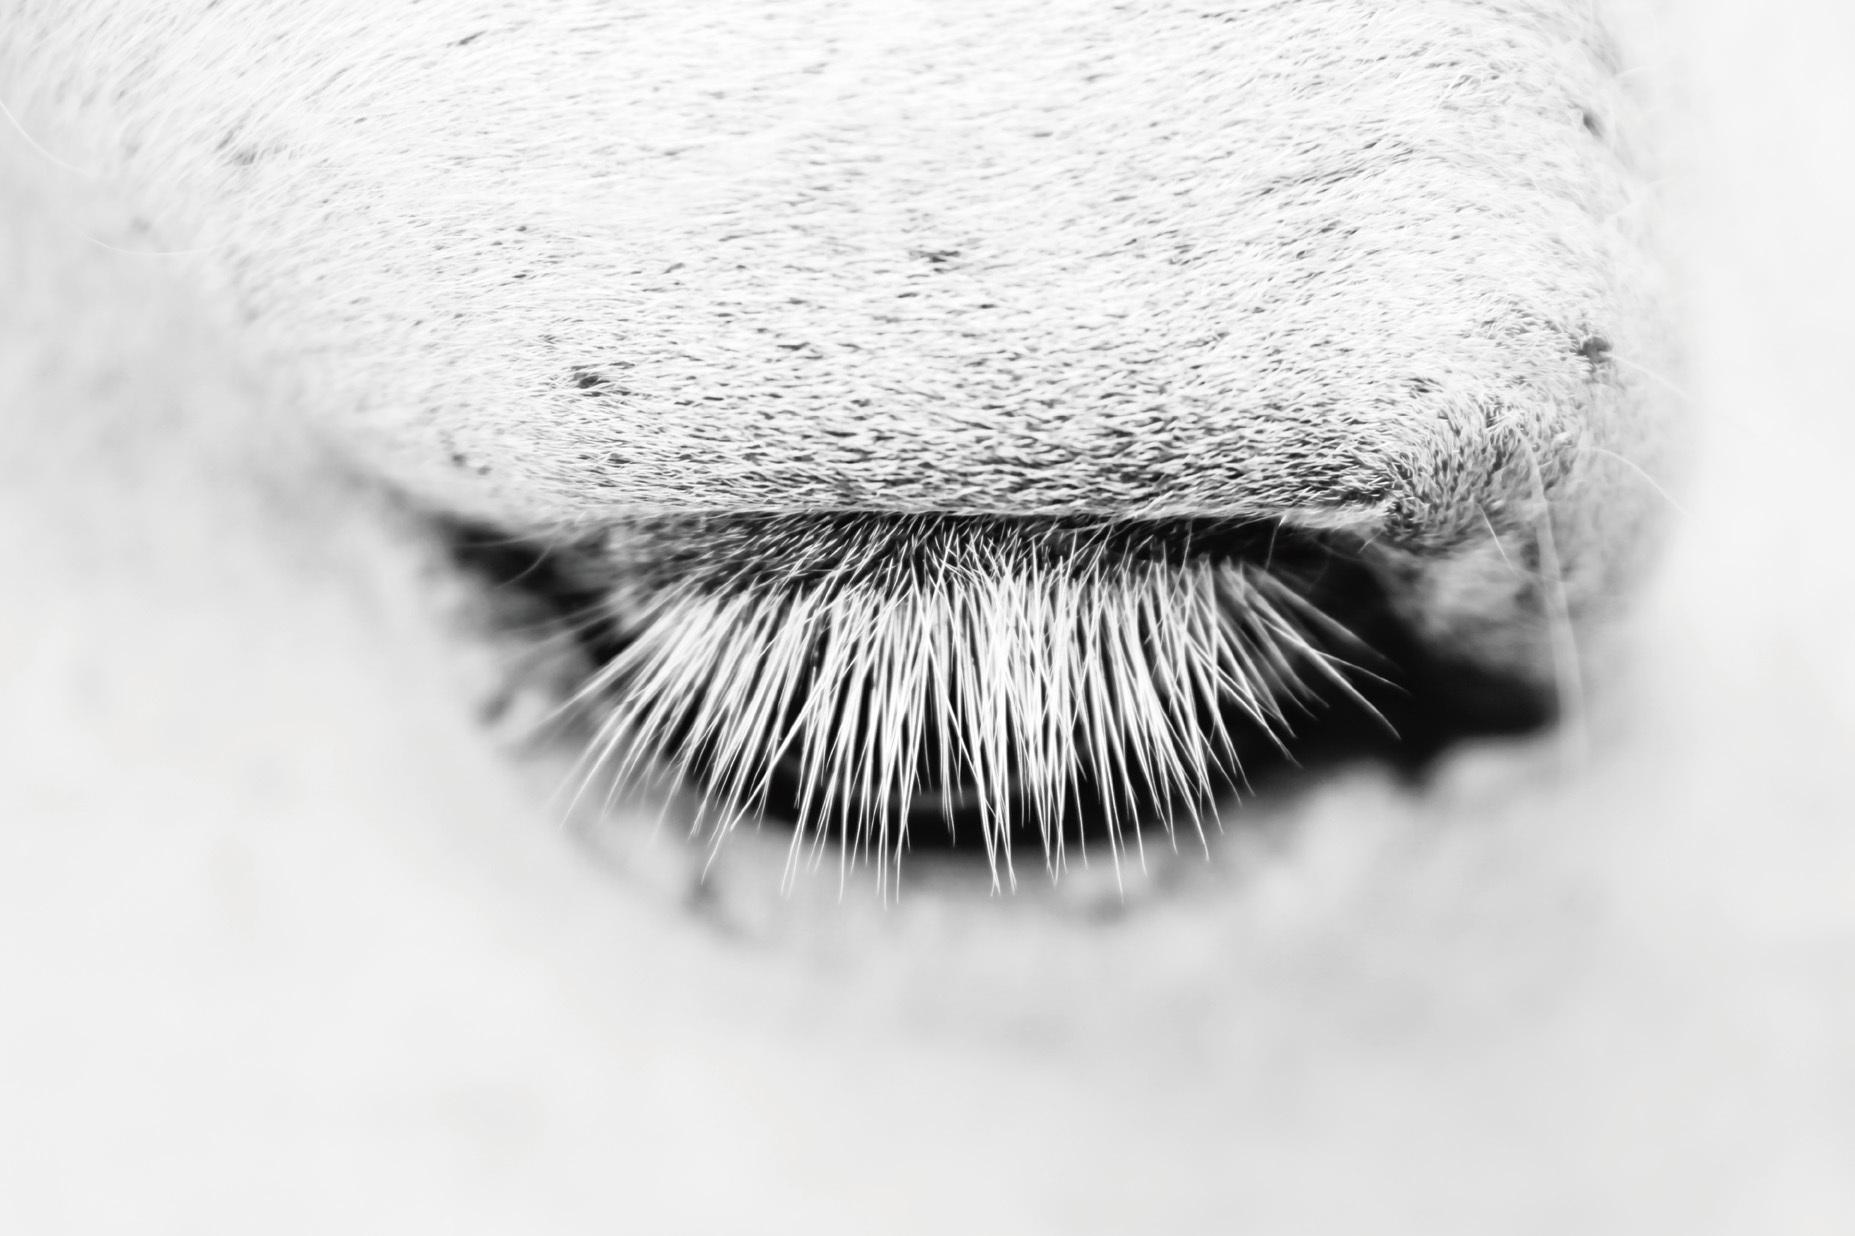 头拍摄动物的眼睛